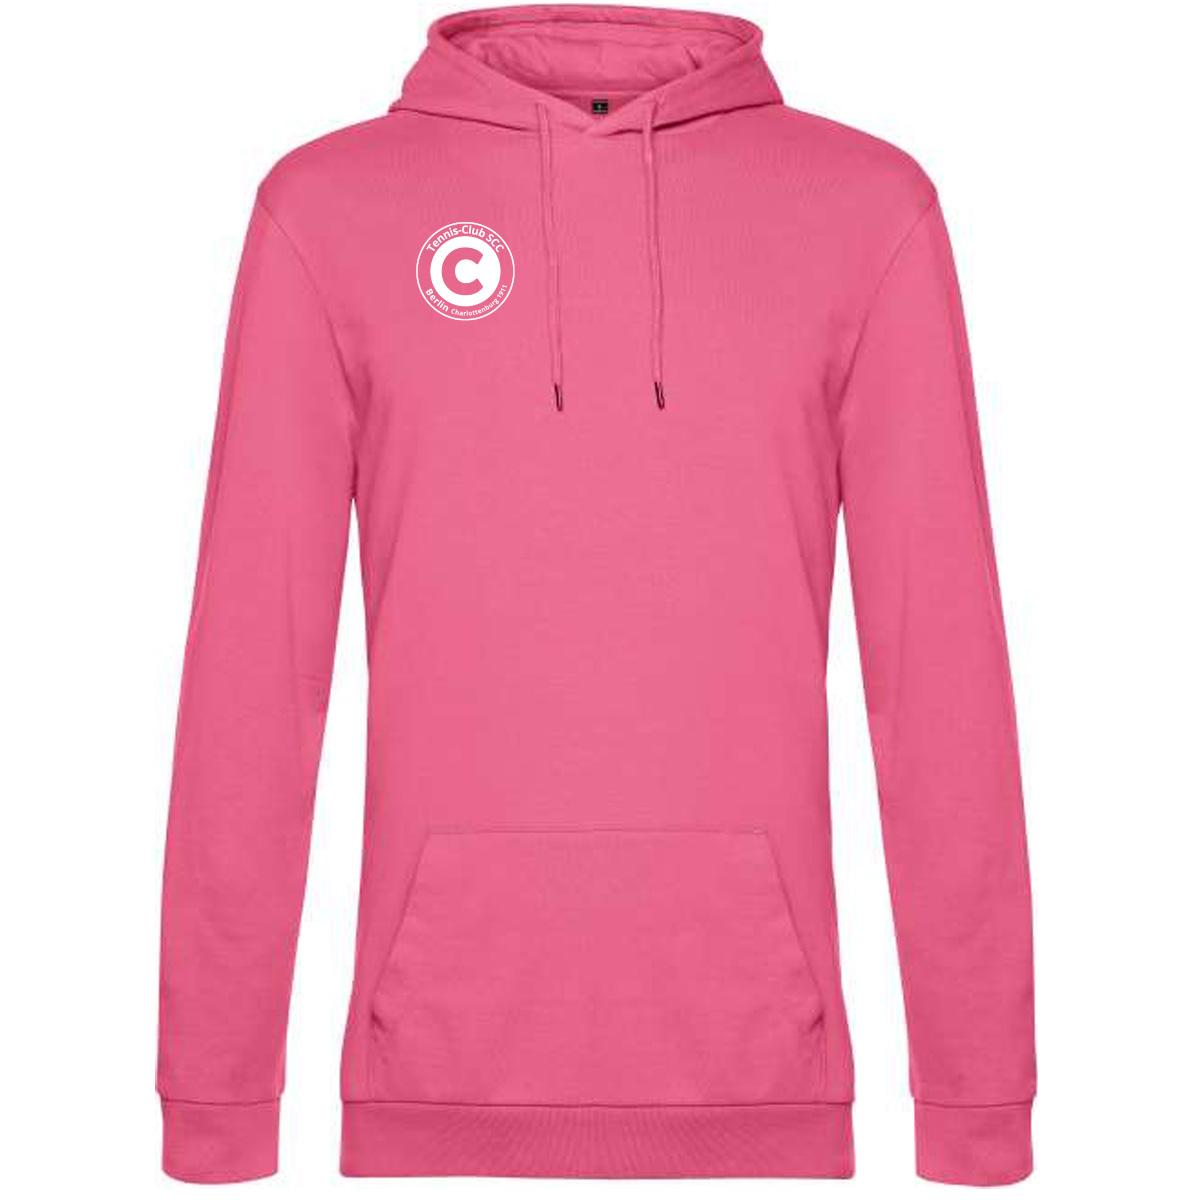 Hoodie Kapuzenpullover pink